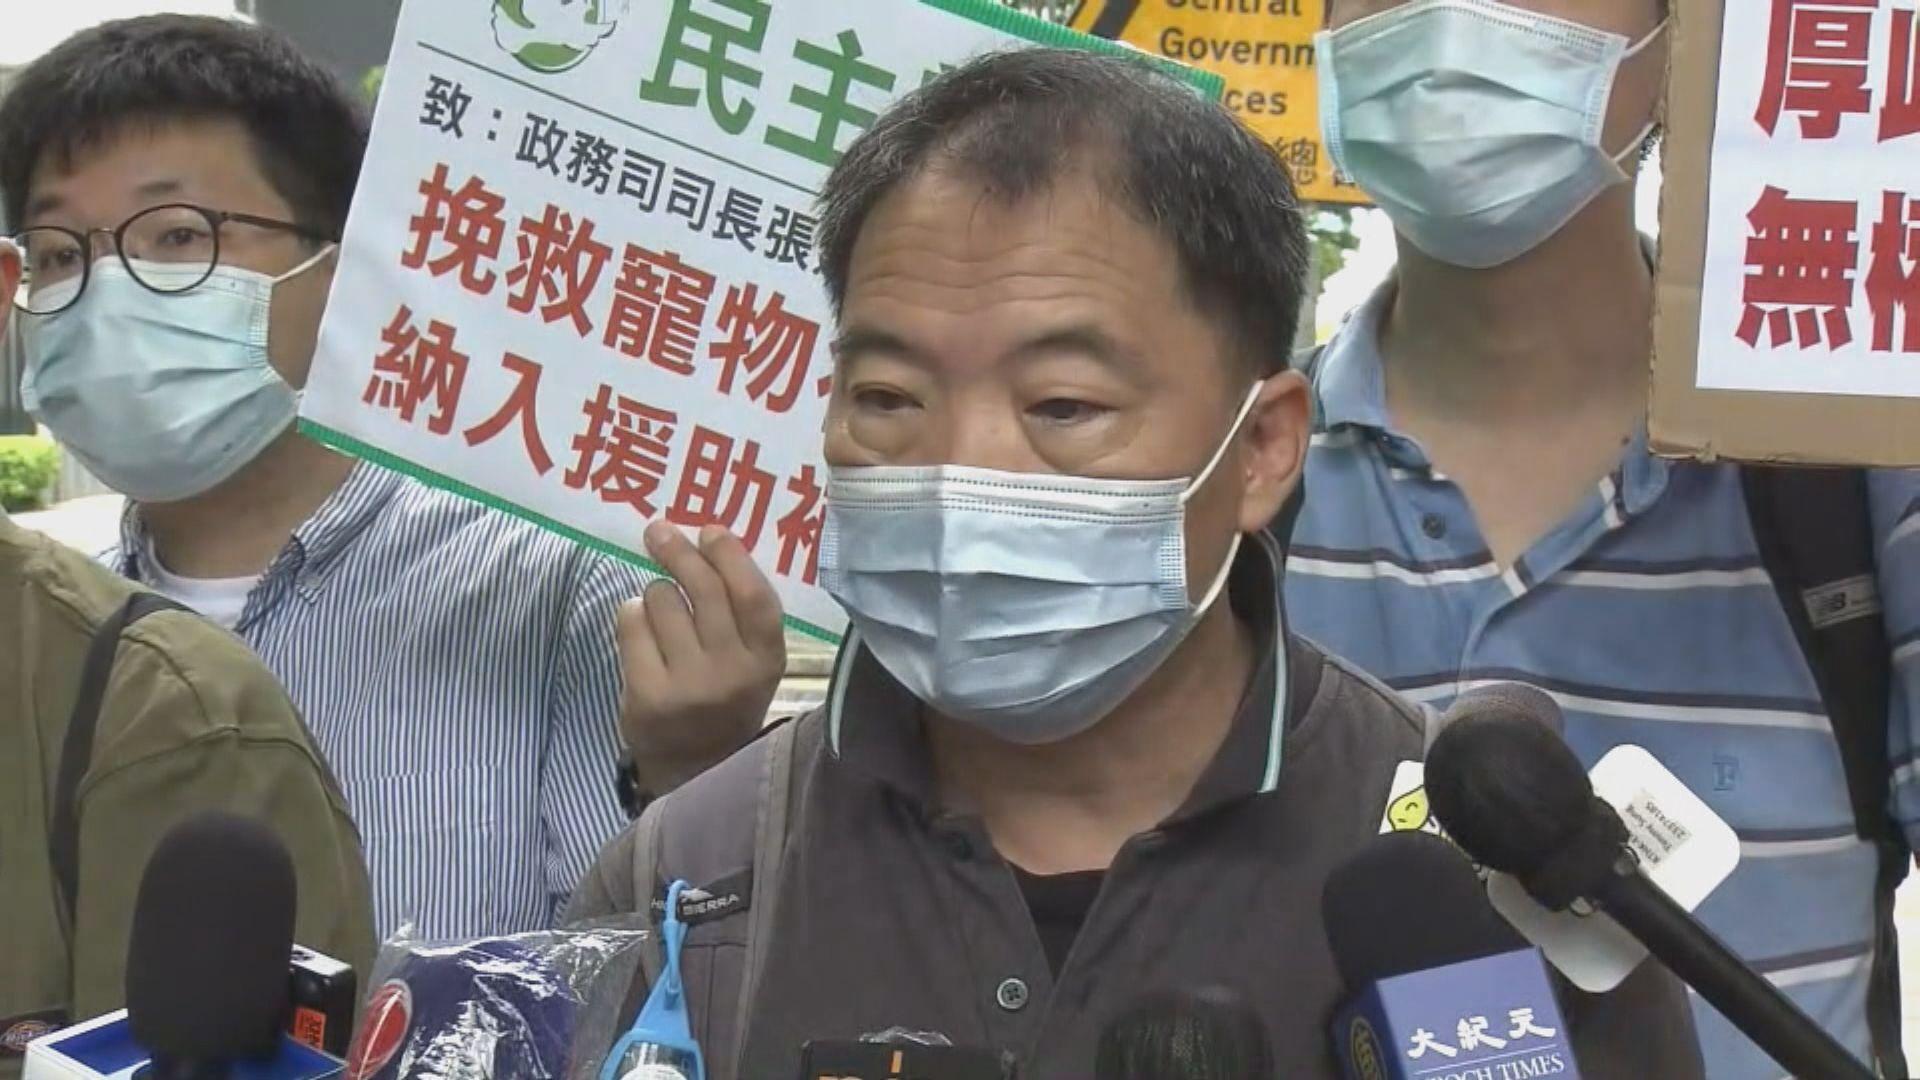 胡志偉:民主黨將反對政府第三輪防疫抗疫基金撥款申請